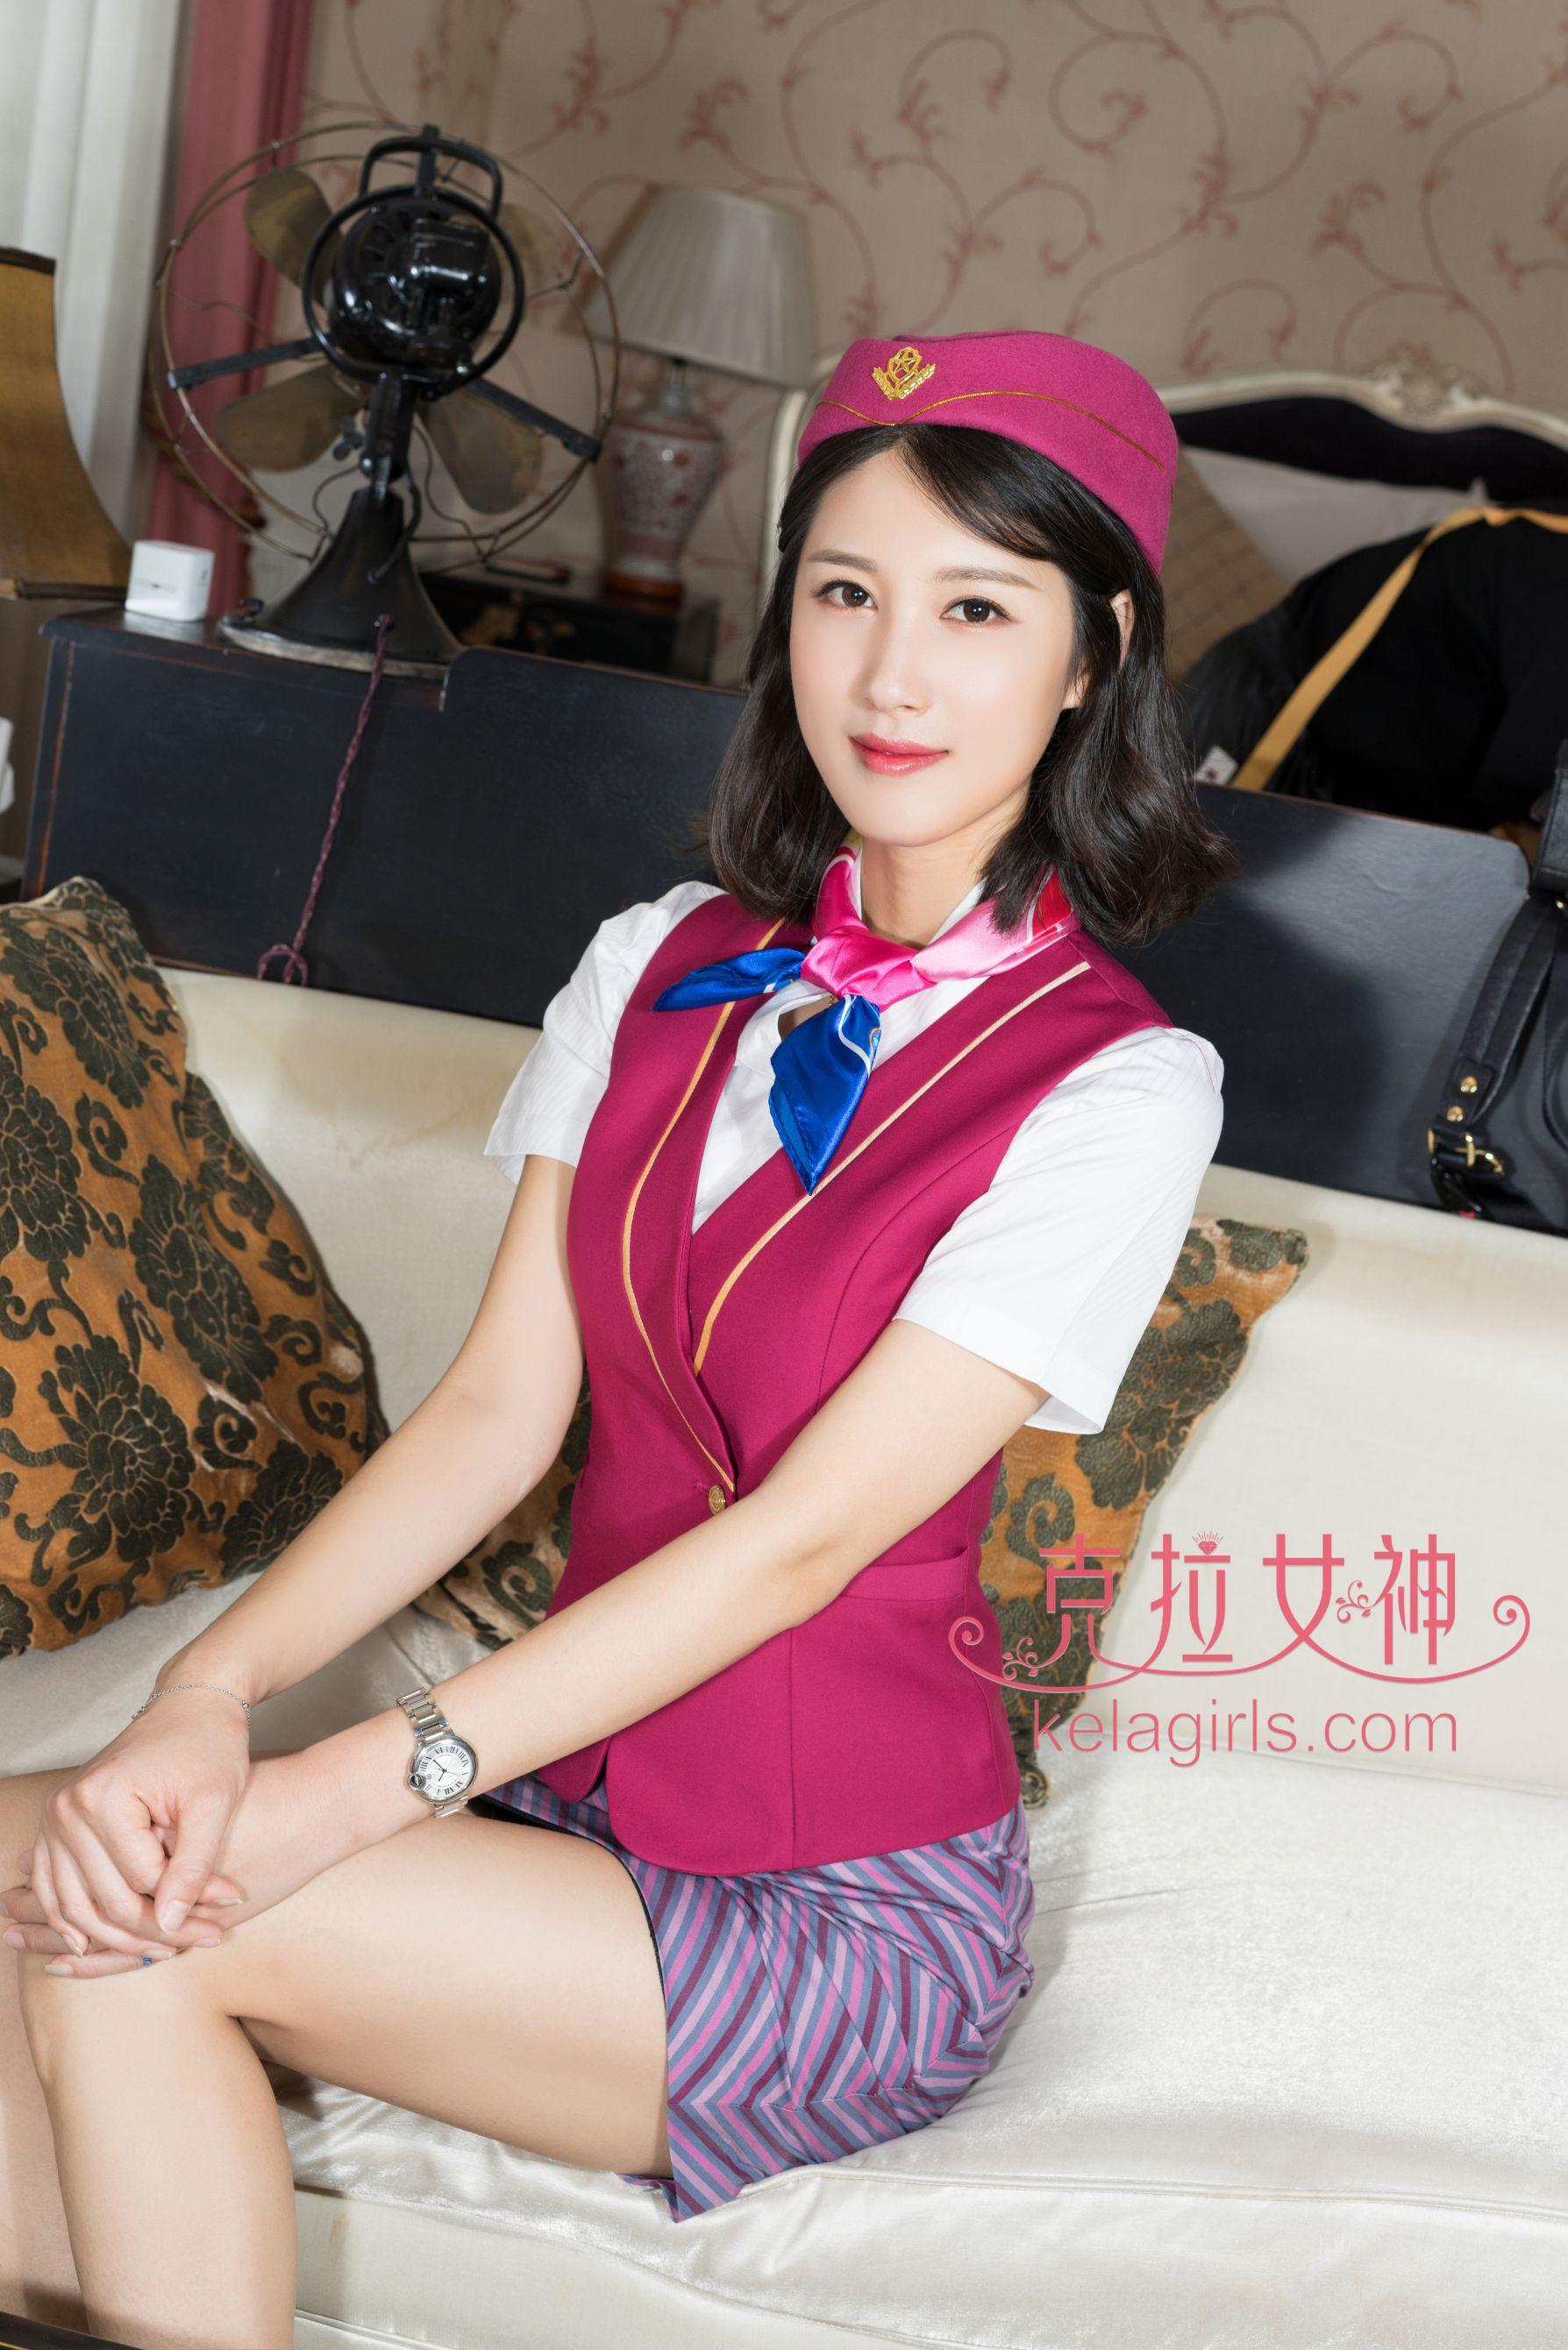 王睿《头等舱服务》空姐制服写真图片